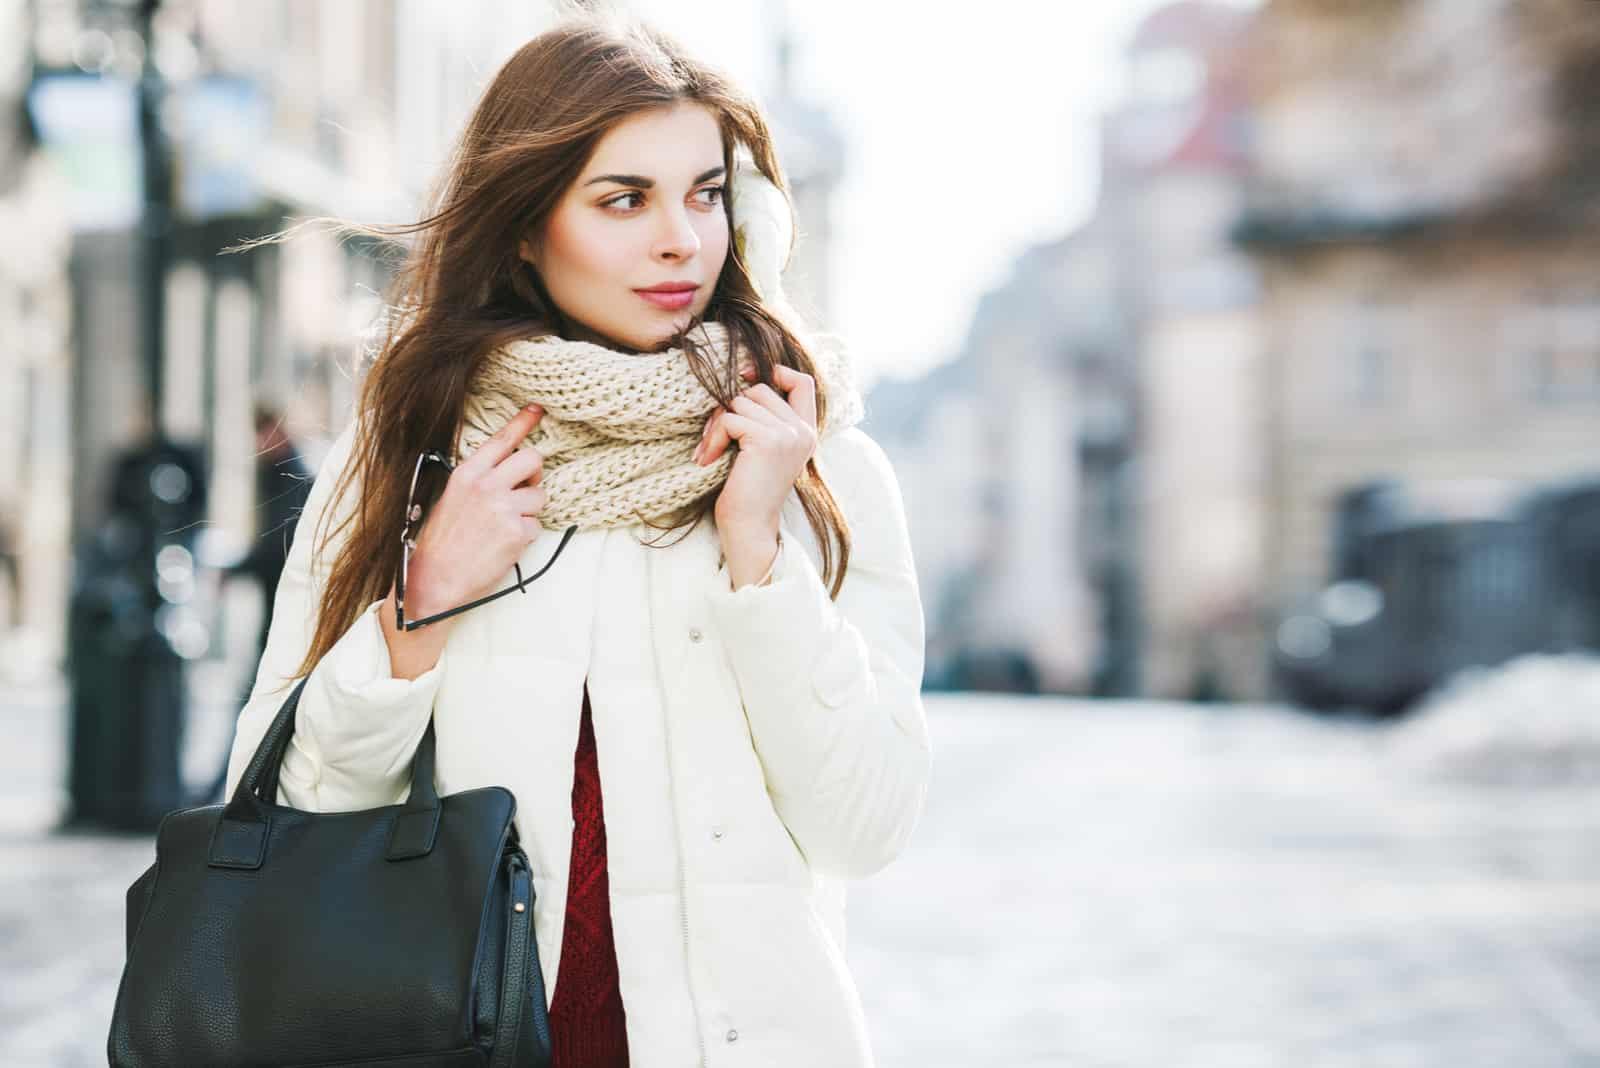 une femme avec une graisse autour du cou se tient dans la rue